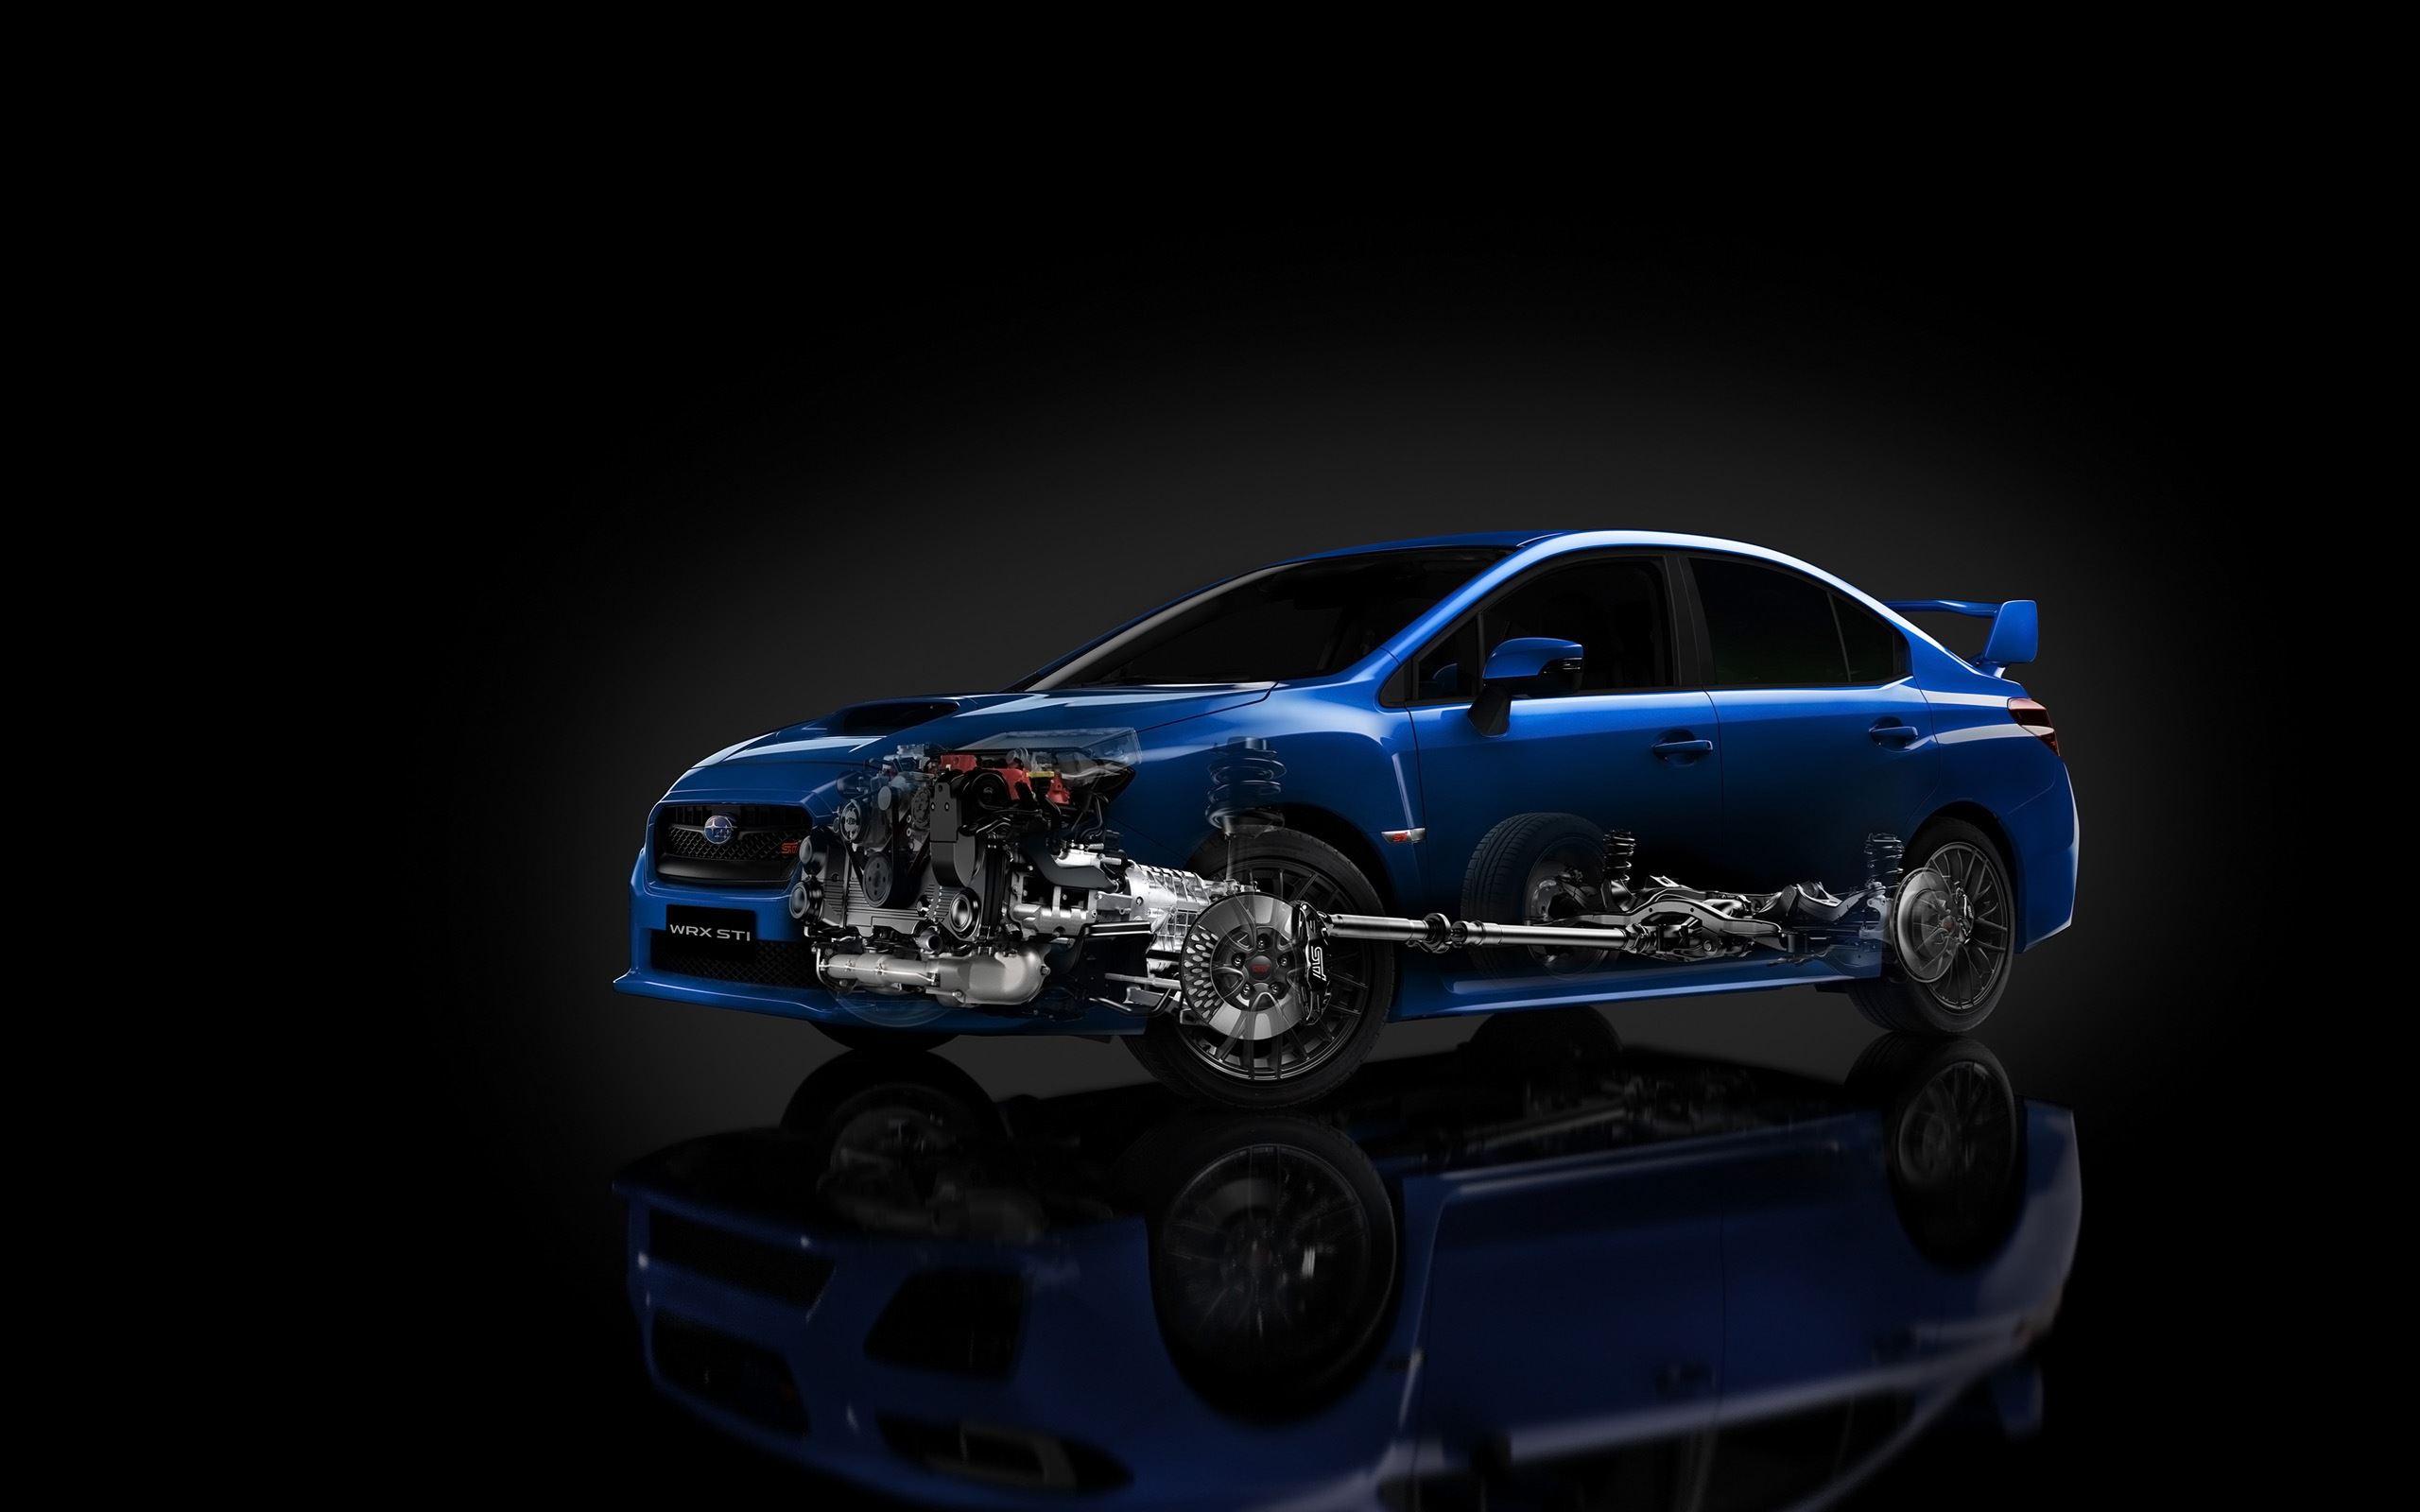 Subaru Wrx Sti Hd Wallpaper